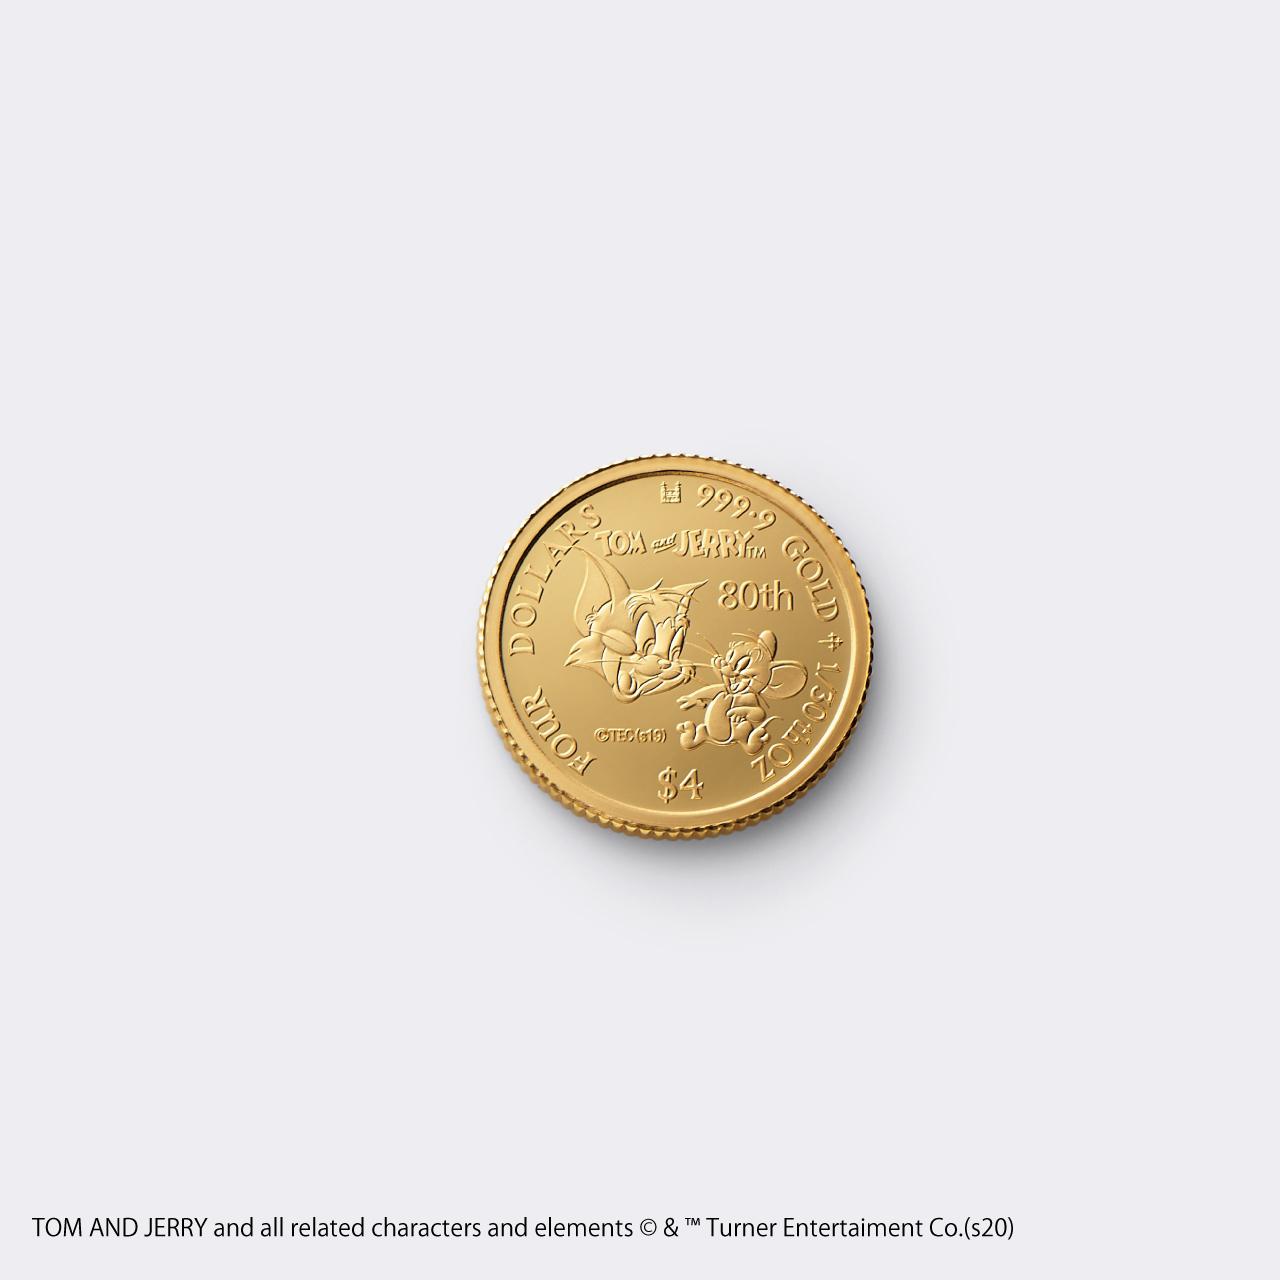 2020 TOM&JERRY 1/30 GOLD PROOF COIN(トムとジェリー 80周年記念硬貨 1/30オンス)